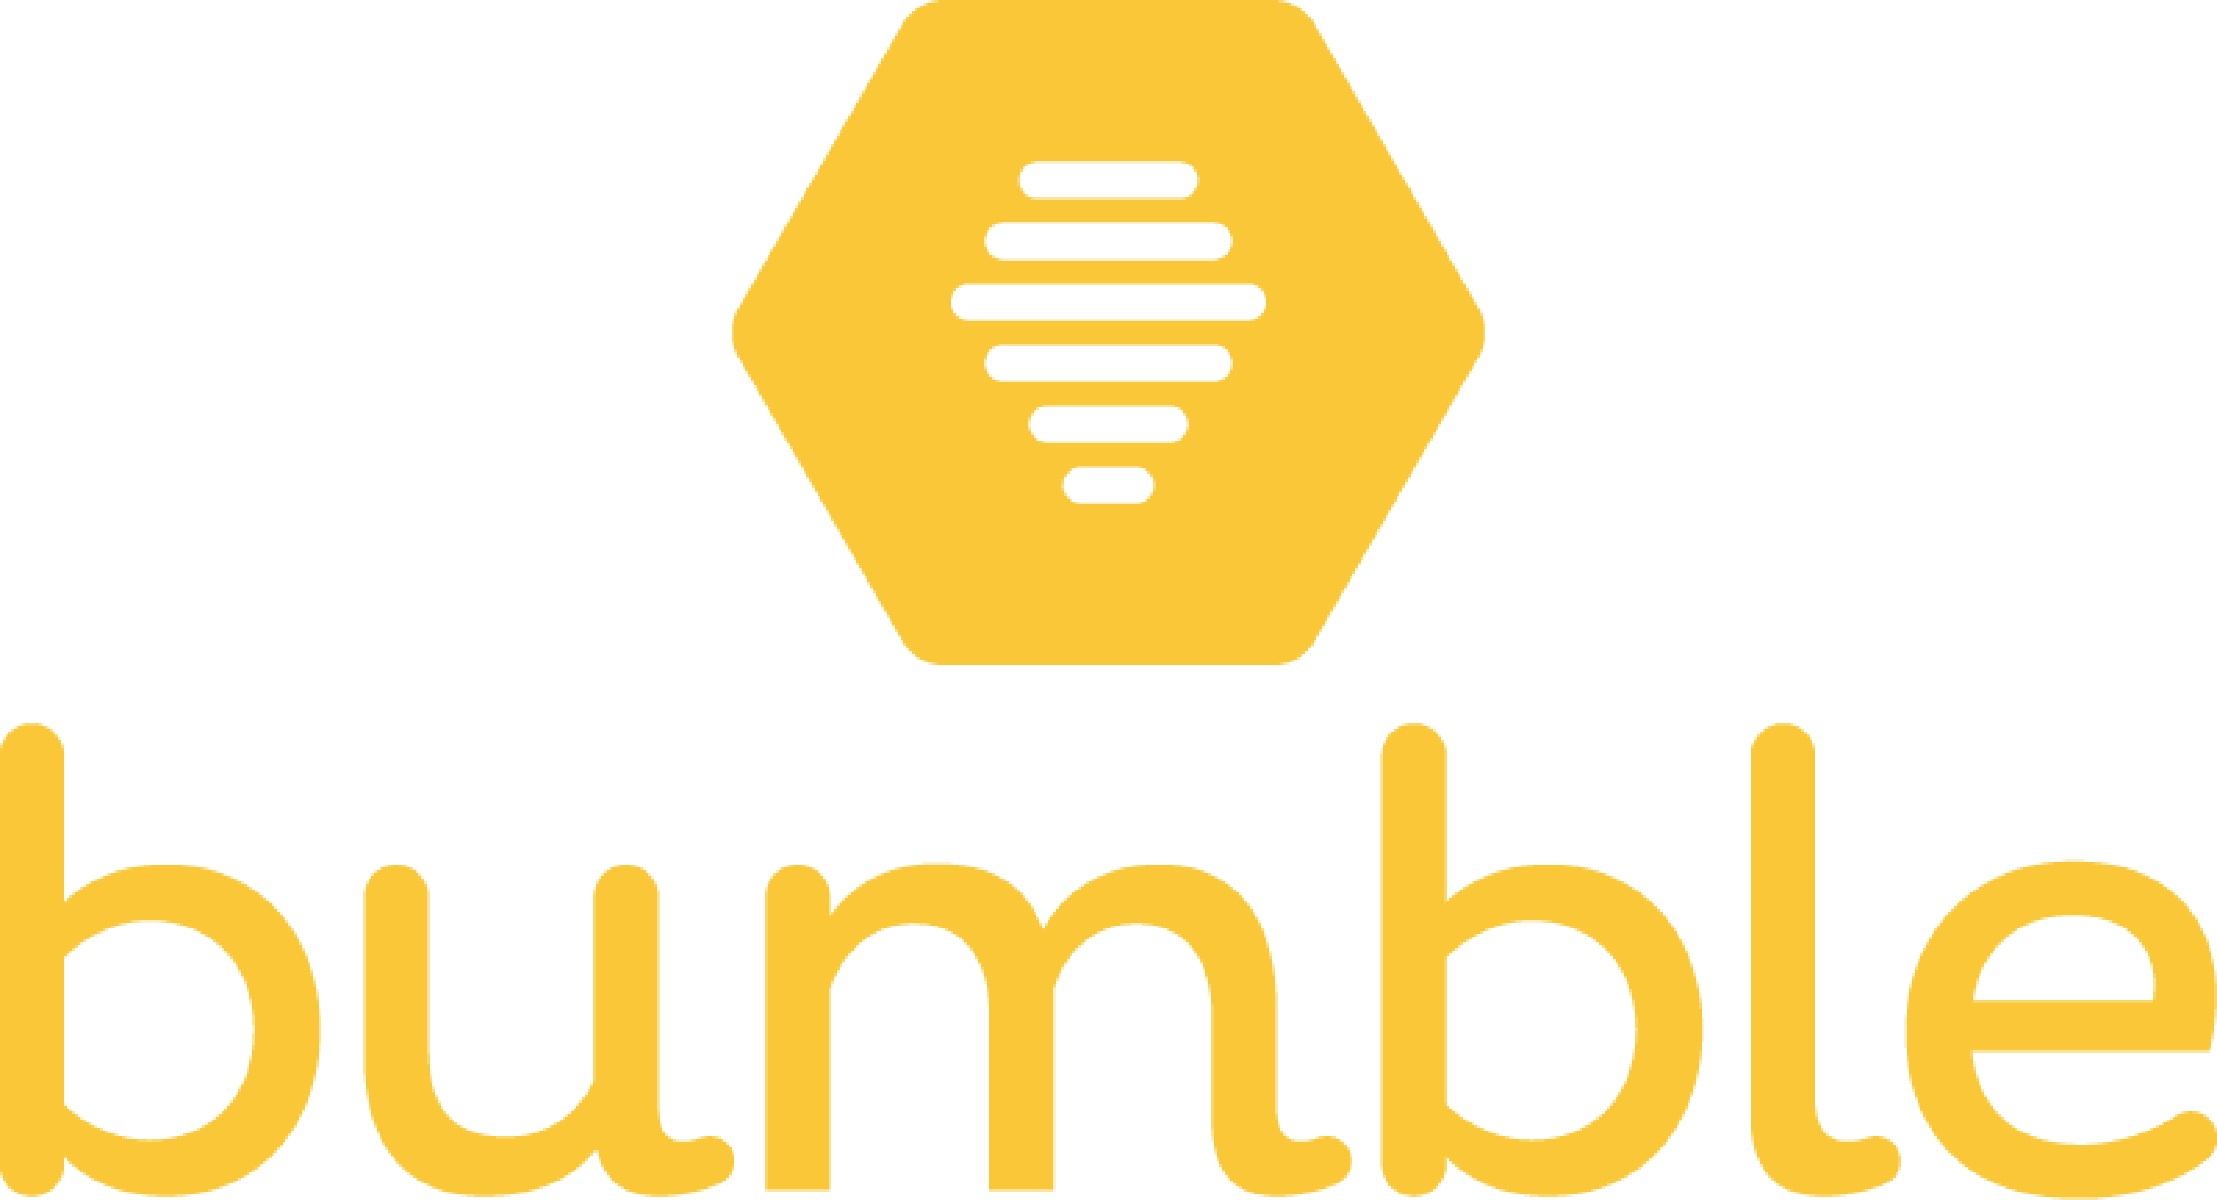 Bumblebee dating App